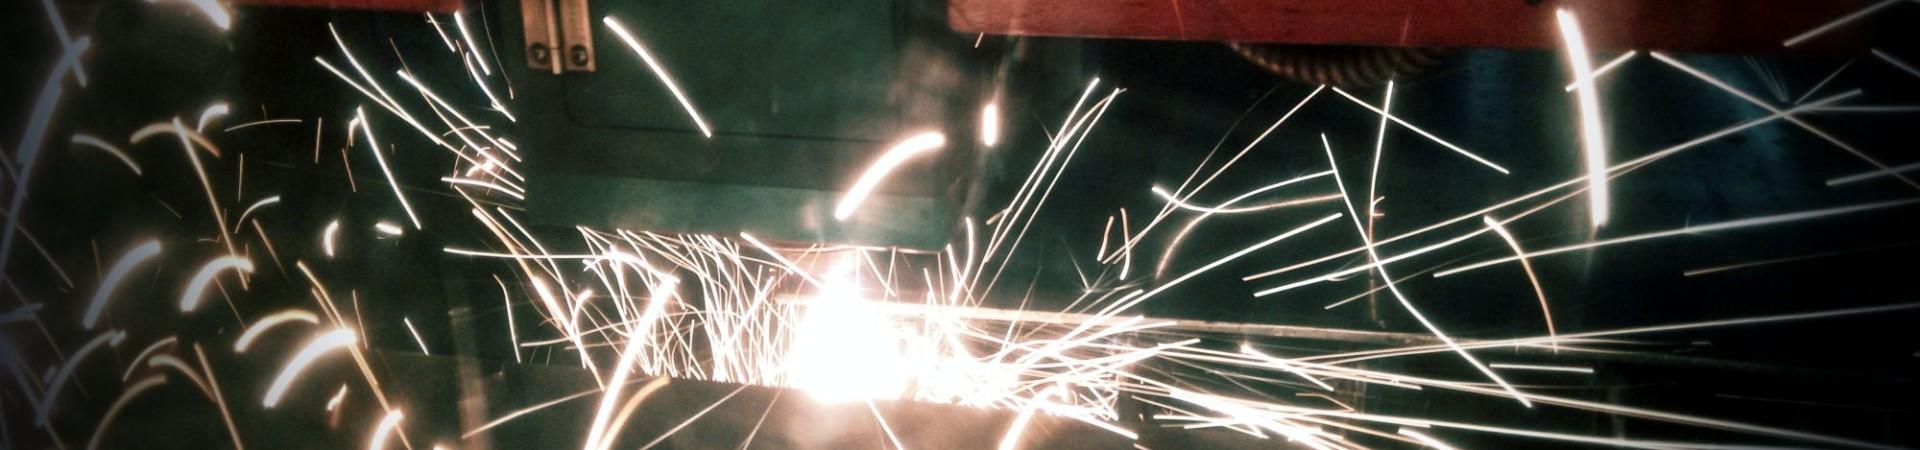 Laserschneiden von verzinkten Blechen